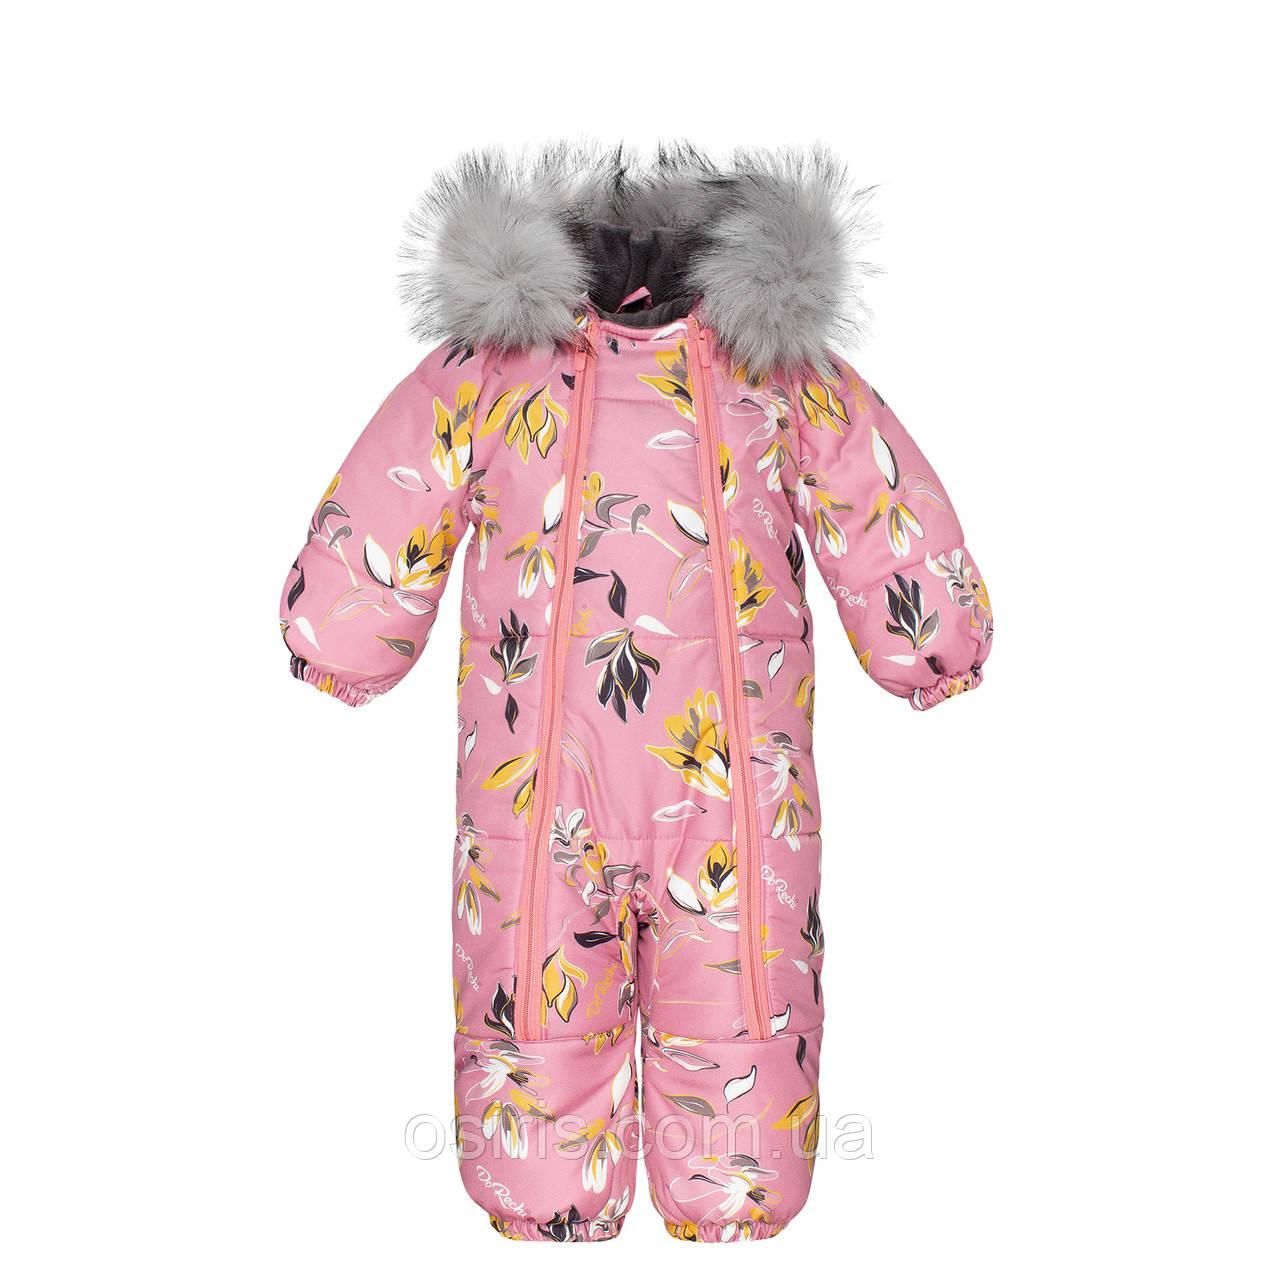 Комбинезон зимний детский Discovery Розовая Мечта с Опушкой / Детские зимние комбинезоны